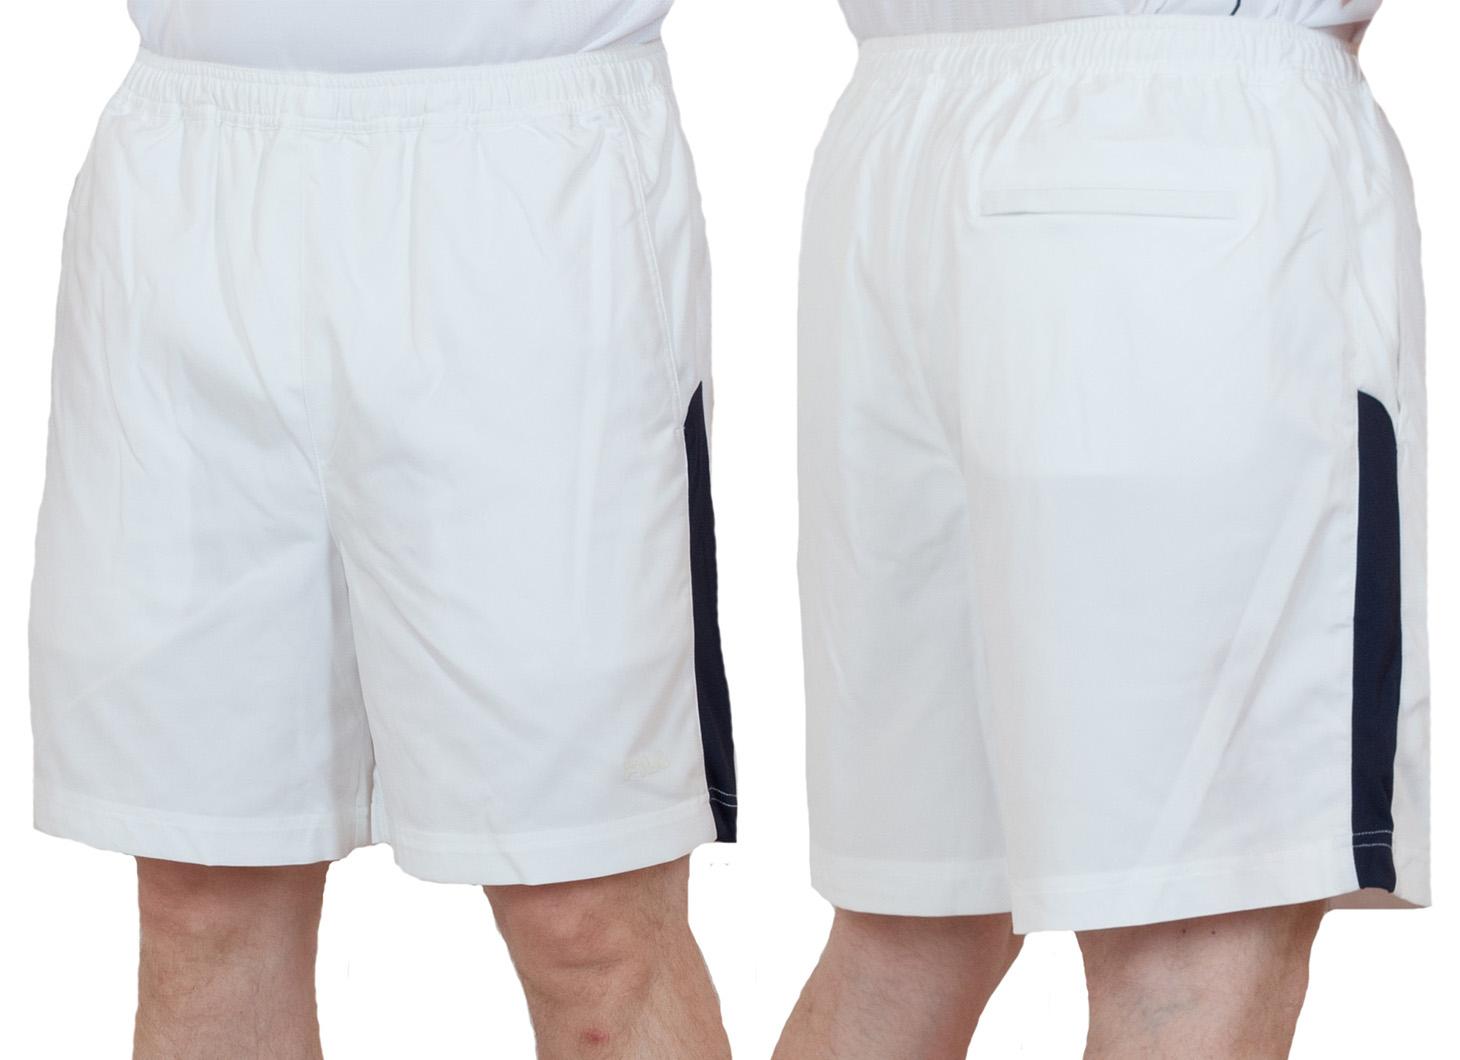 Белые теннисные шорты - общий вид